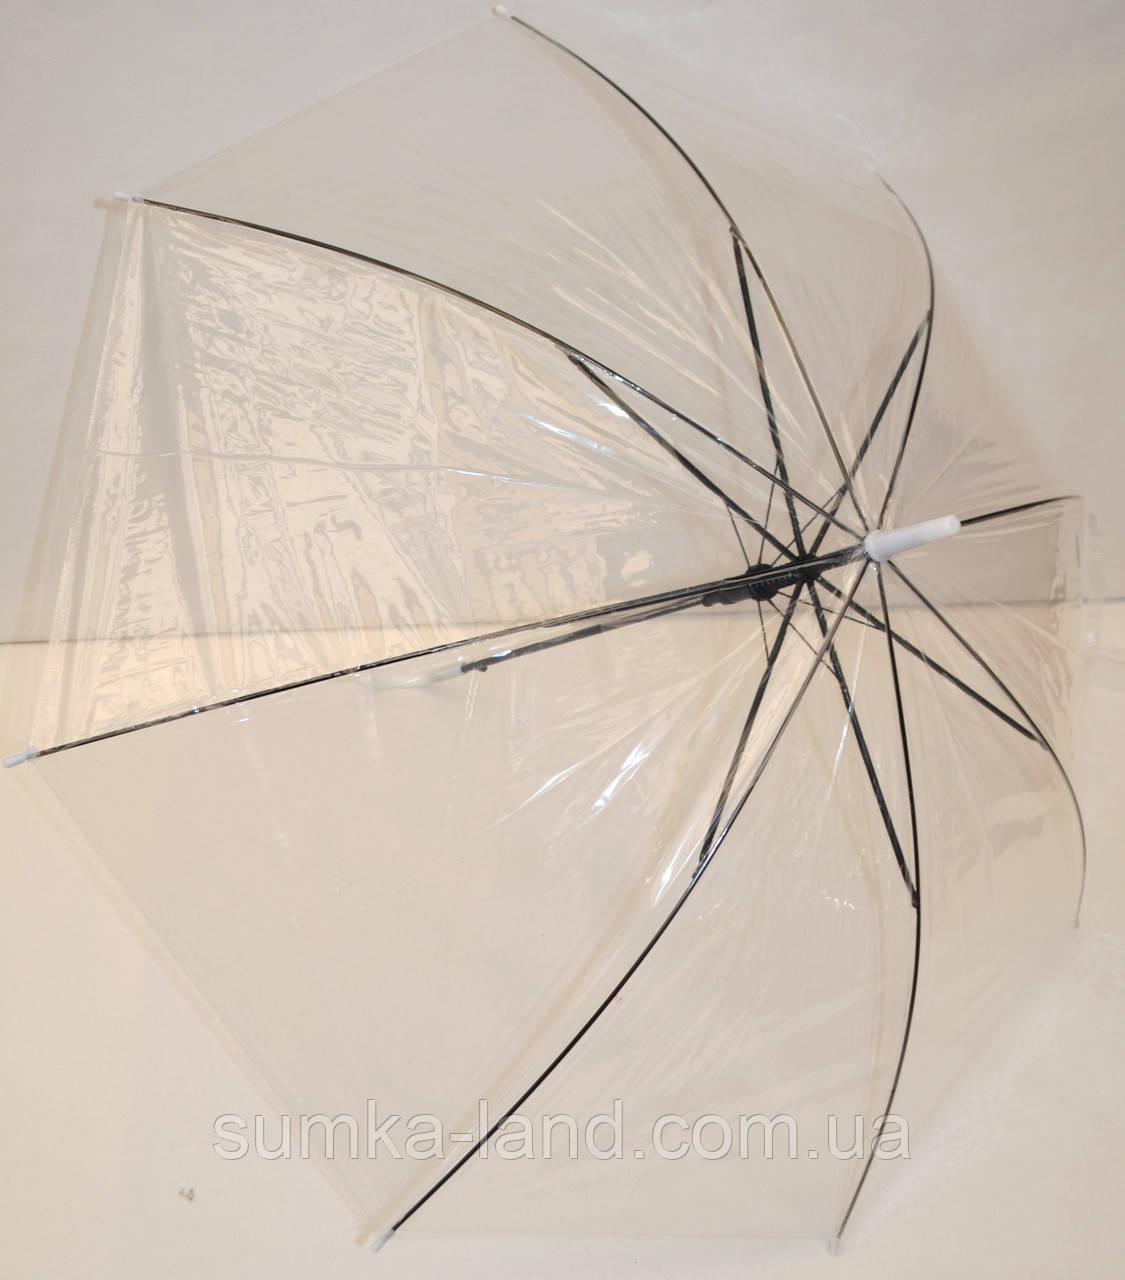 Детский белый прозрачный силиконовый зонт-трость на 8 спиц с черными спицами